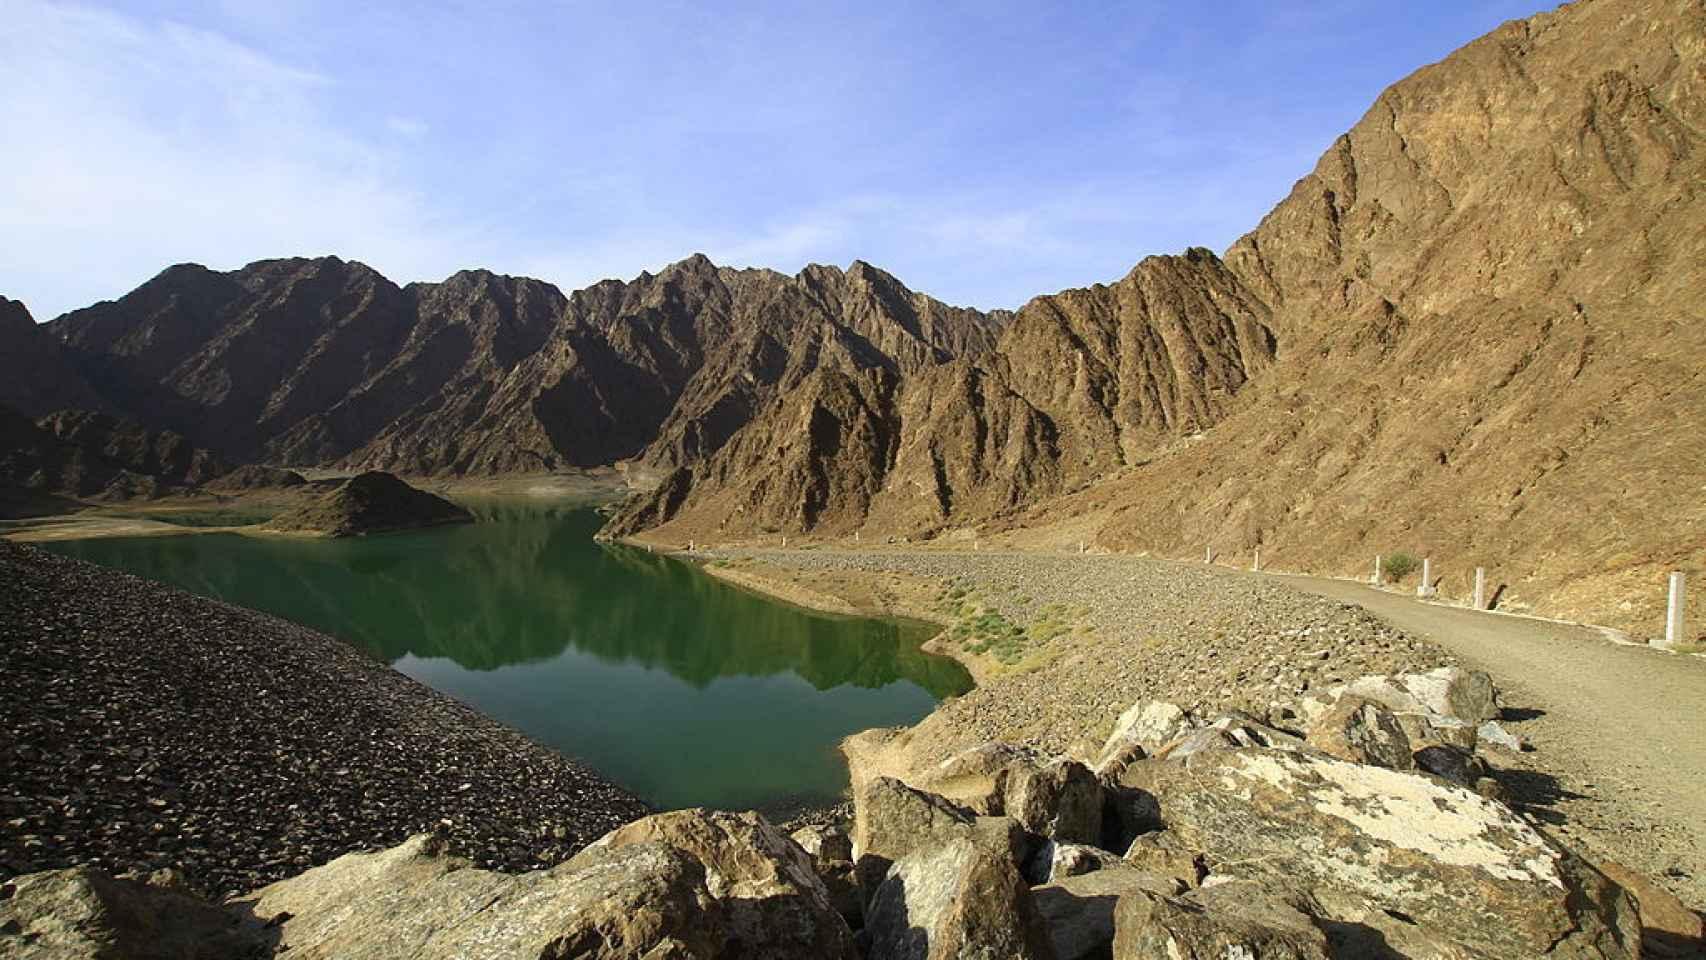 Montañas Al Hajar en el extremo norte de Emiratos, uno de los escasos ejemplos de montes en el país.